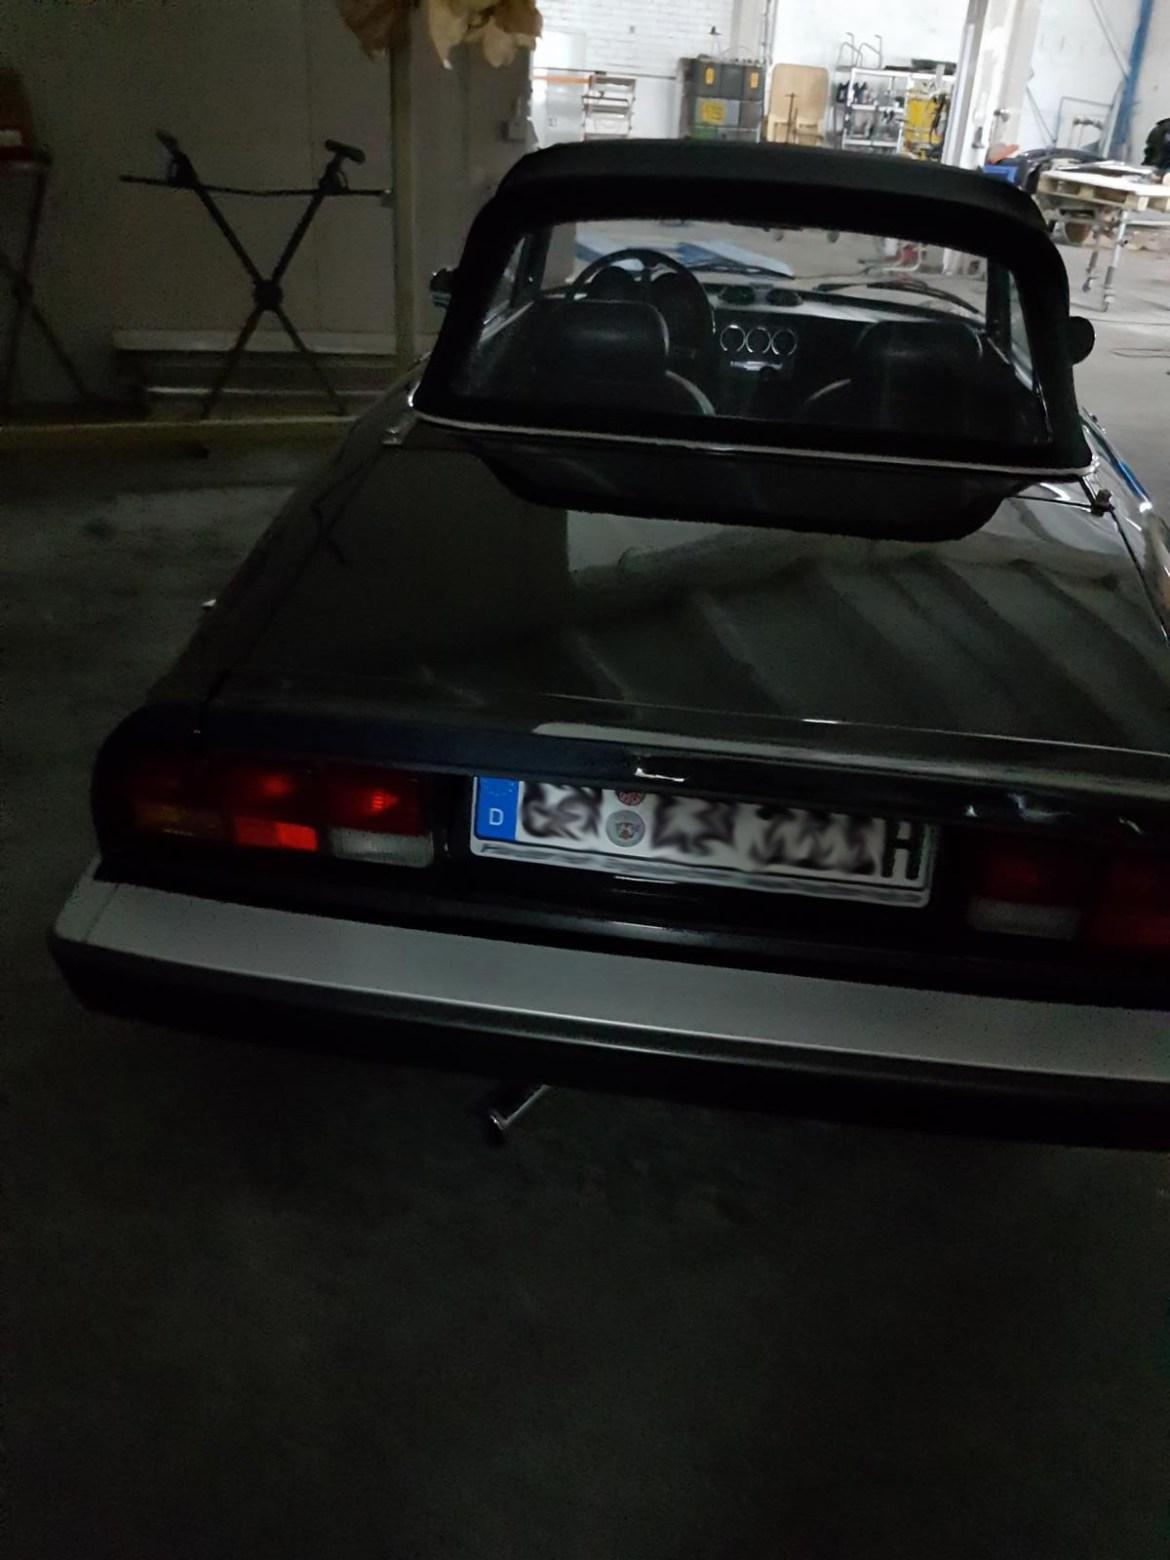 https://i2.wp.com/lte-wp.com/wp-content/uploads/2017/08/Alfa_Romeo_Spider_nacherS7-18.jpg?w=1170